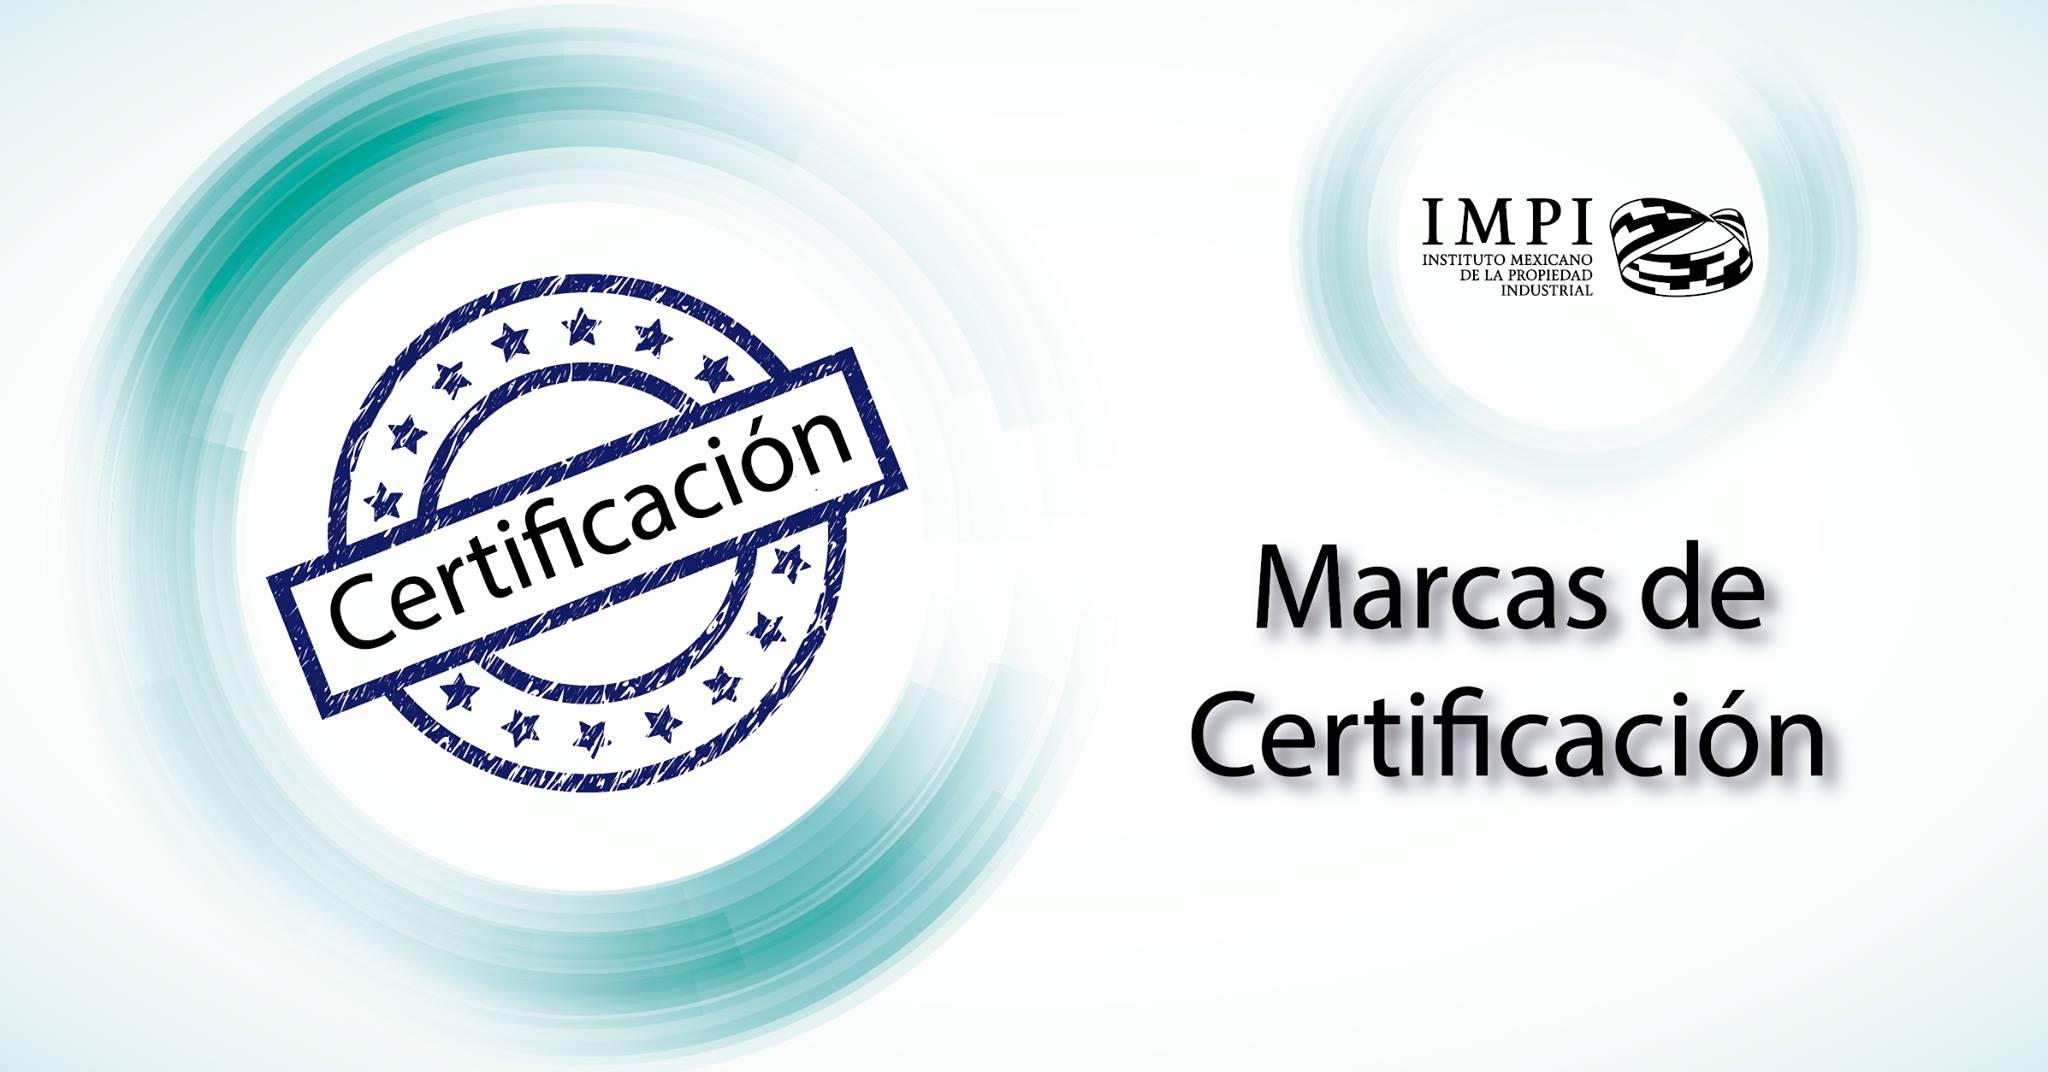 Marca de Certificación